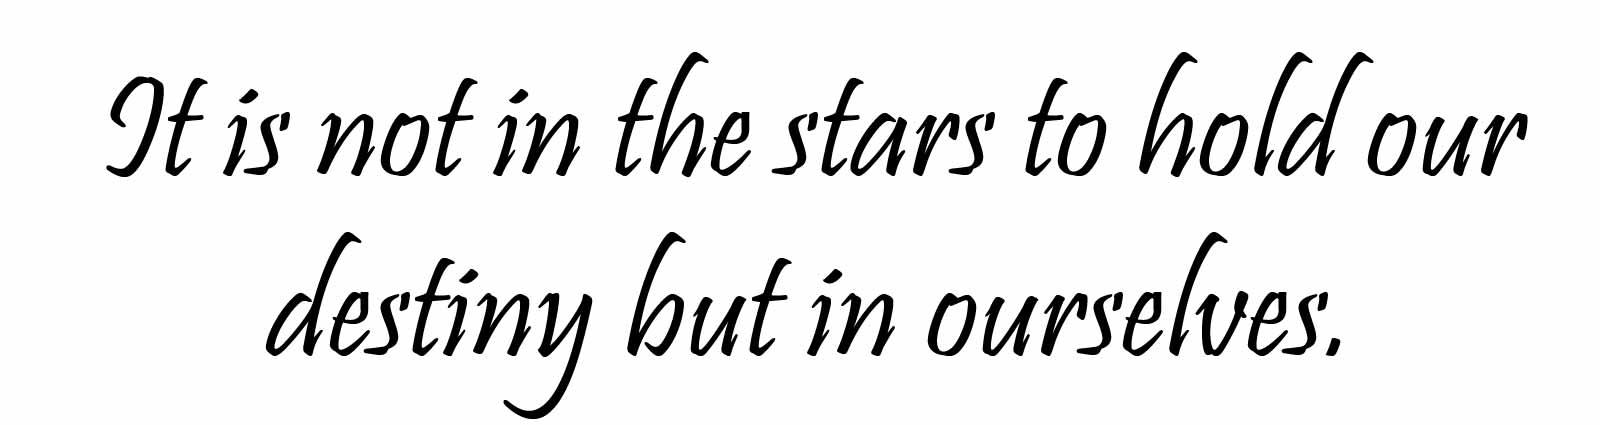 william shakespeare quotes quotesgram